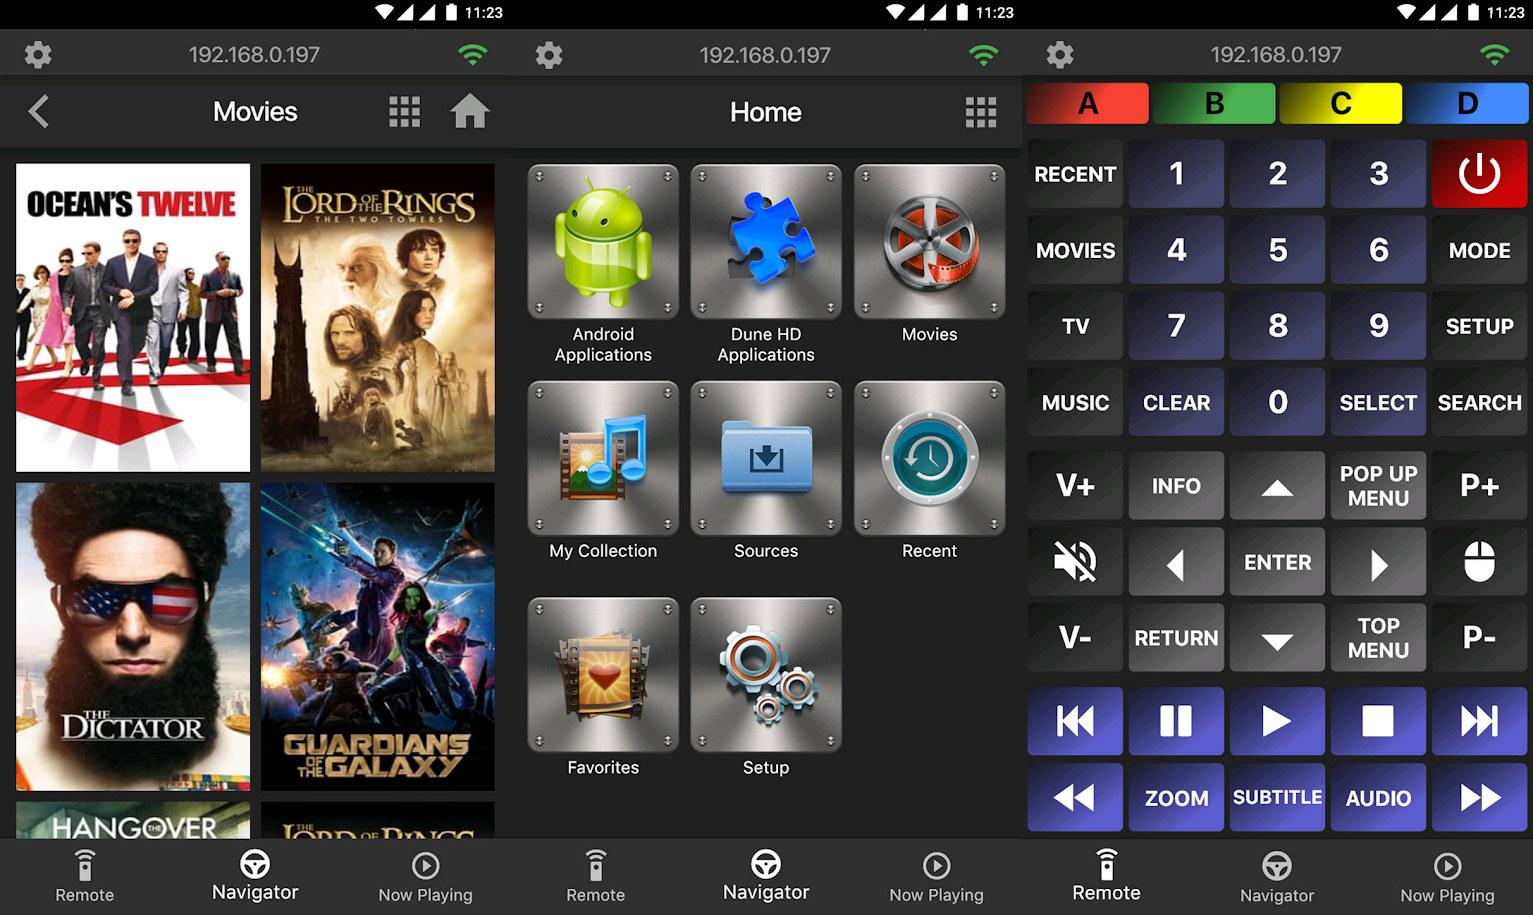 Đầu phát Dune HD RealBox 4K YouTube 4K HDR, BD 4K- Sản phẩm chính hãng